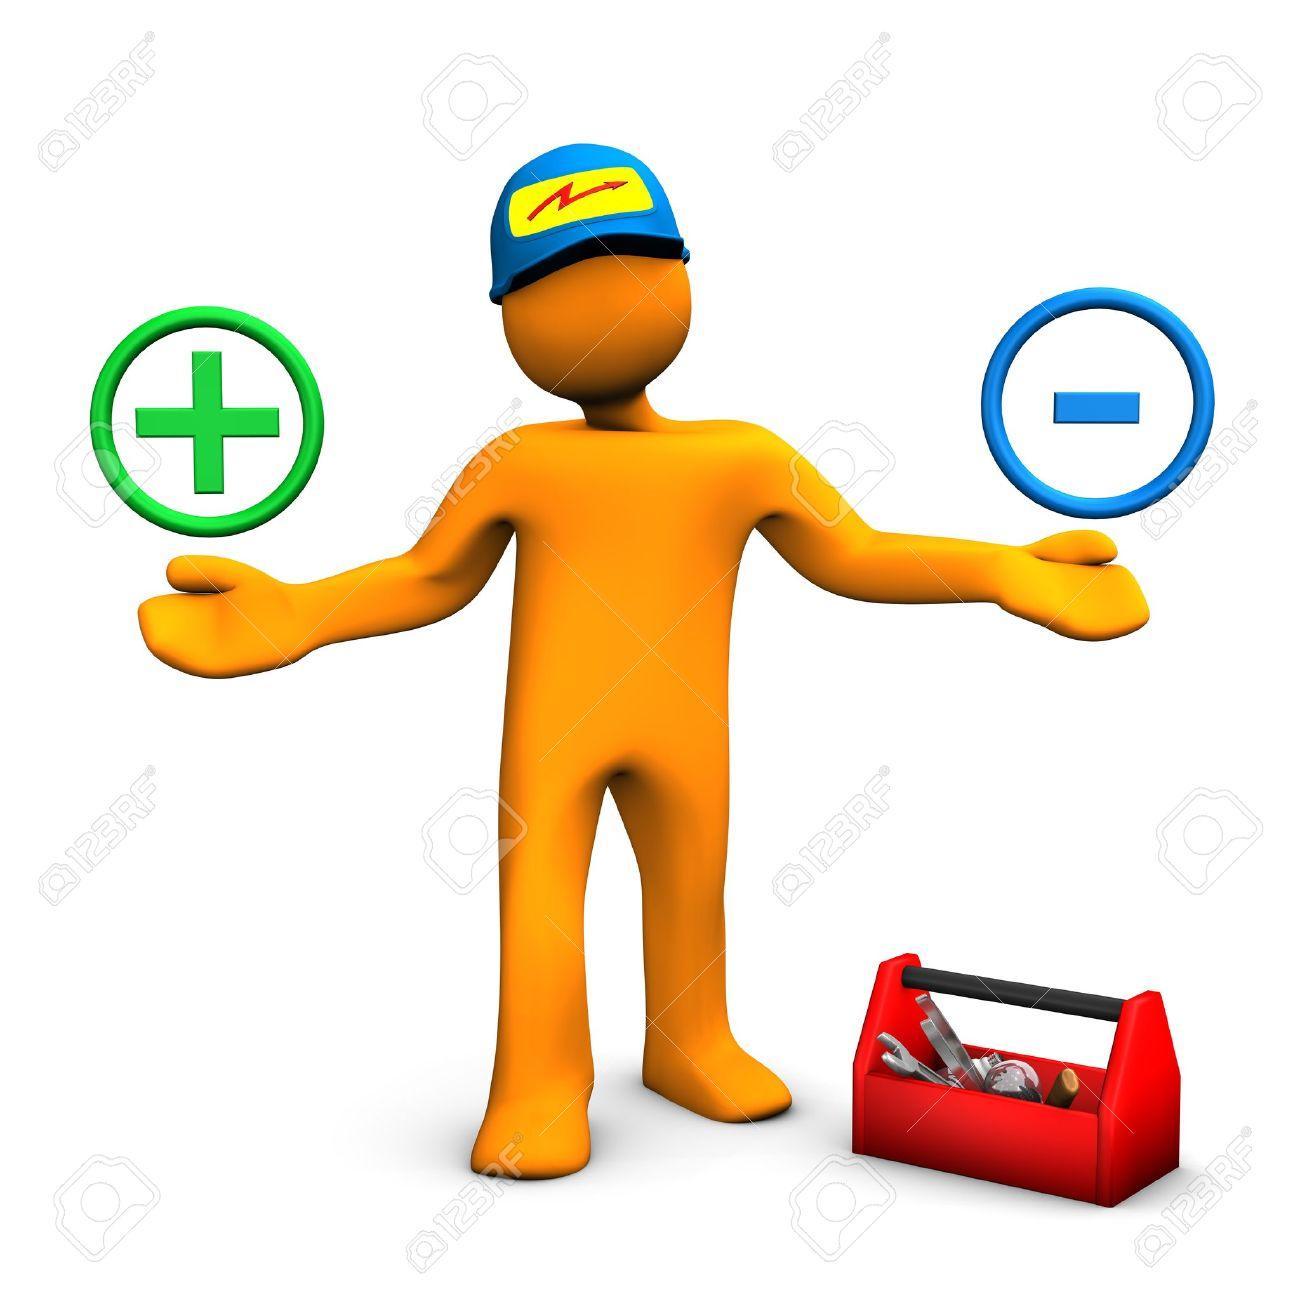 https://i0.wp.com/previews.123rf.com/images/limbi007/limbi0071301/limbi007130100081/17460206-Personaggio-dei-cartoni-animati-arancione-come-telefoni-elettricista-con-i-simboli-pi-e-meno-Sfondo--Archivio-Fotografico.jpg